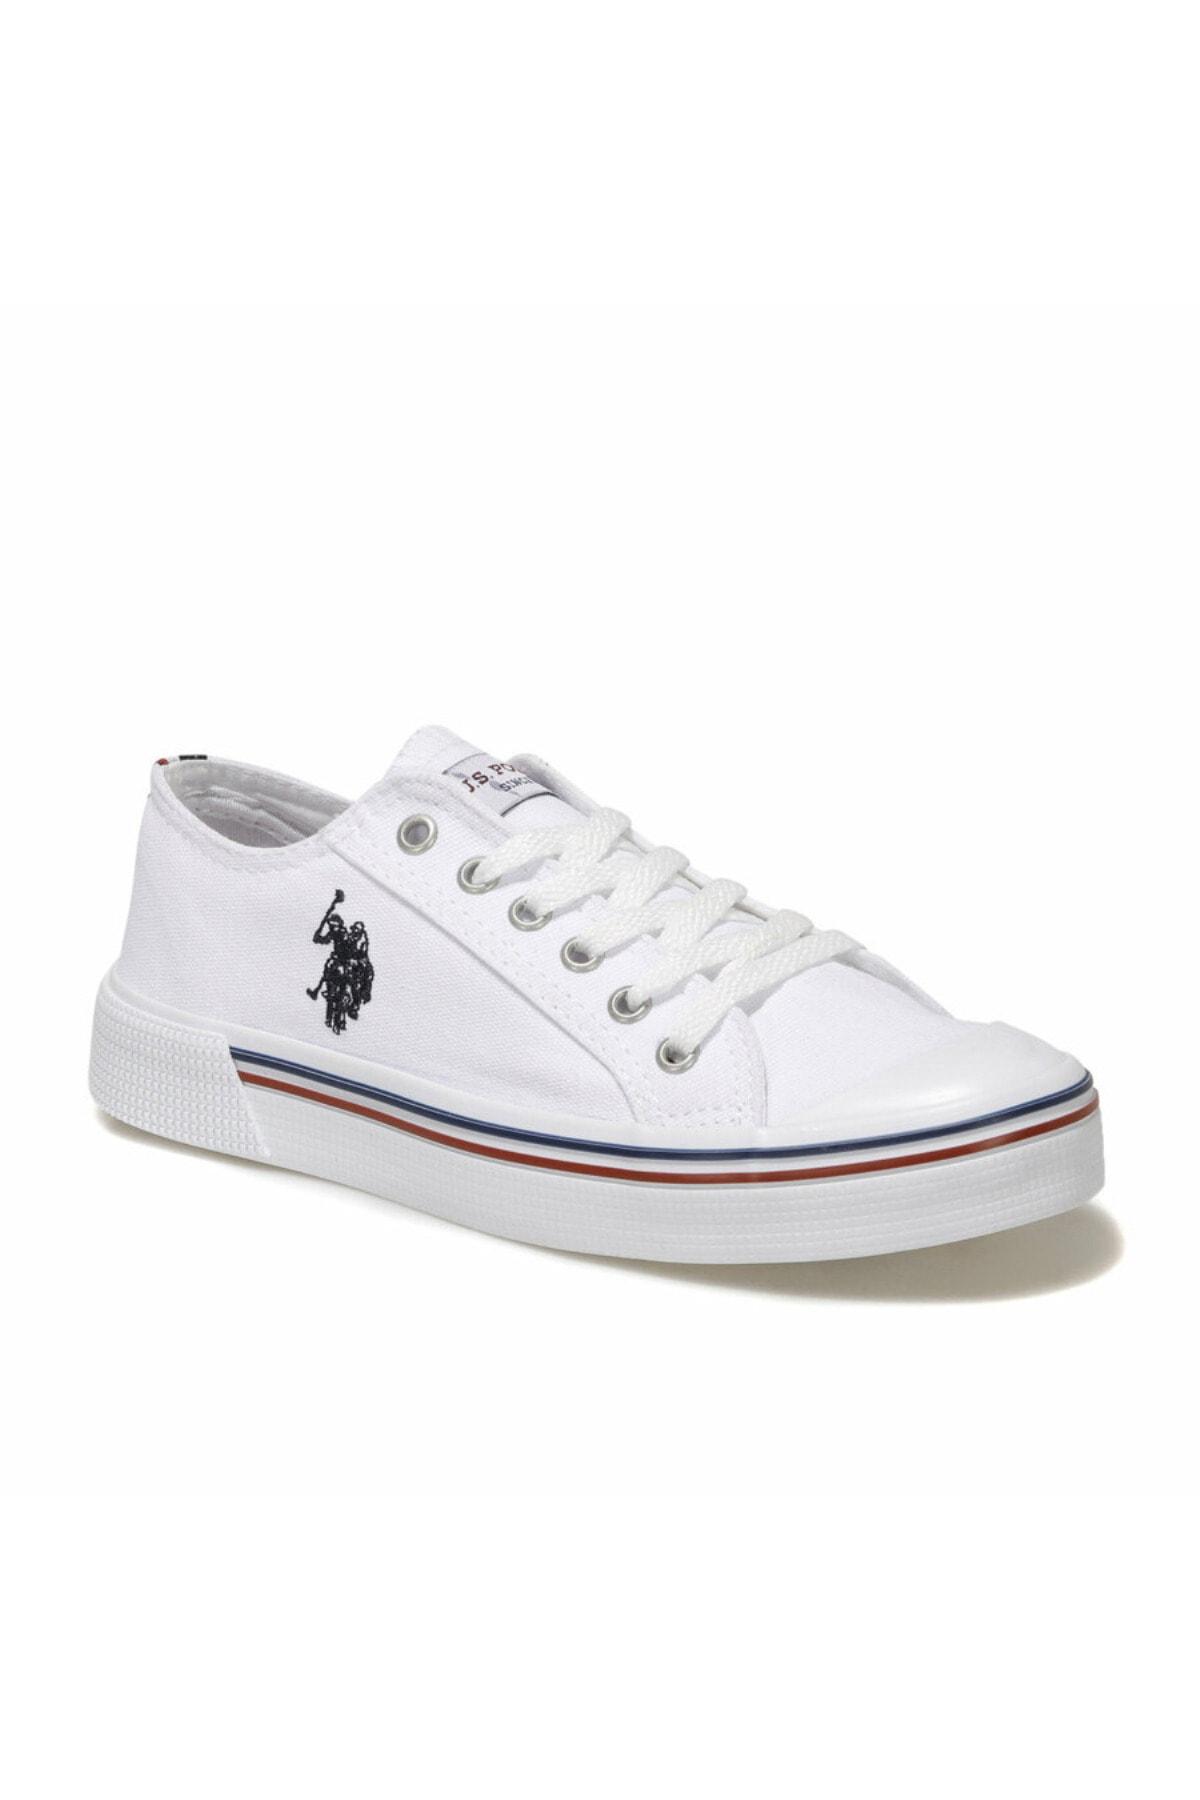 U.S. Polo Assn. PENELOPE 1FX Beyaz Kadın Havuz Taban Sneaker 100696337 1